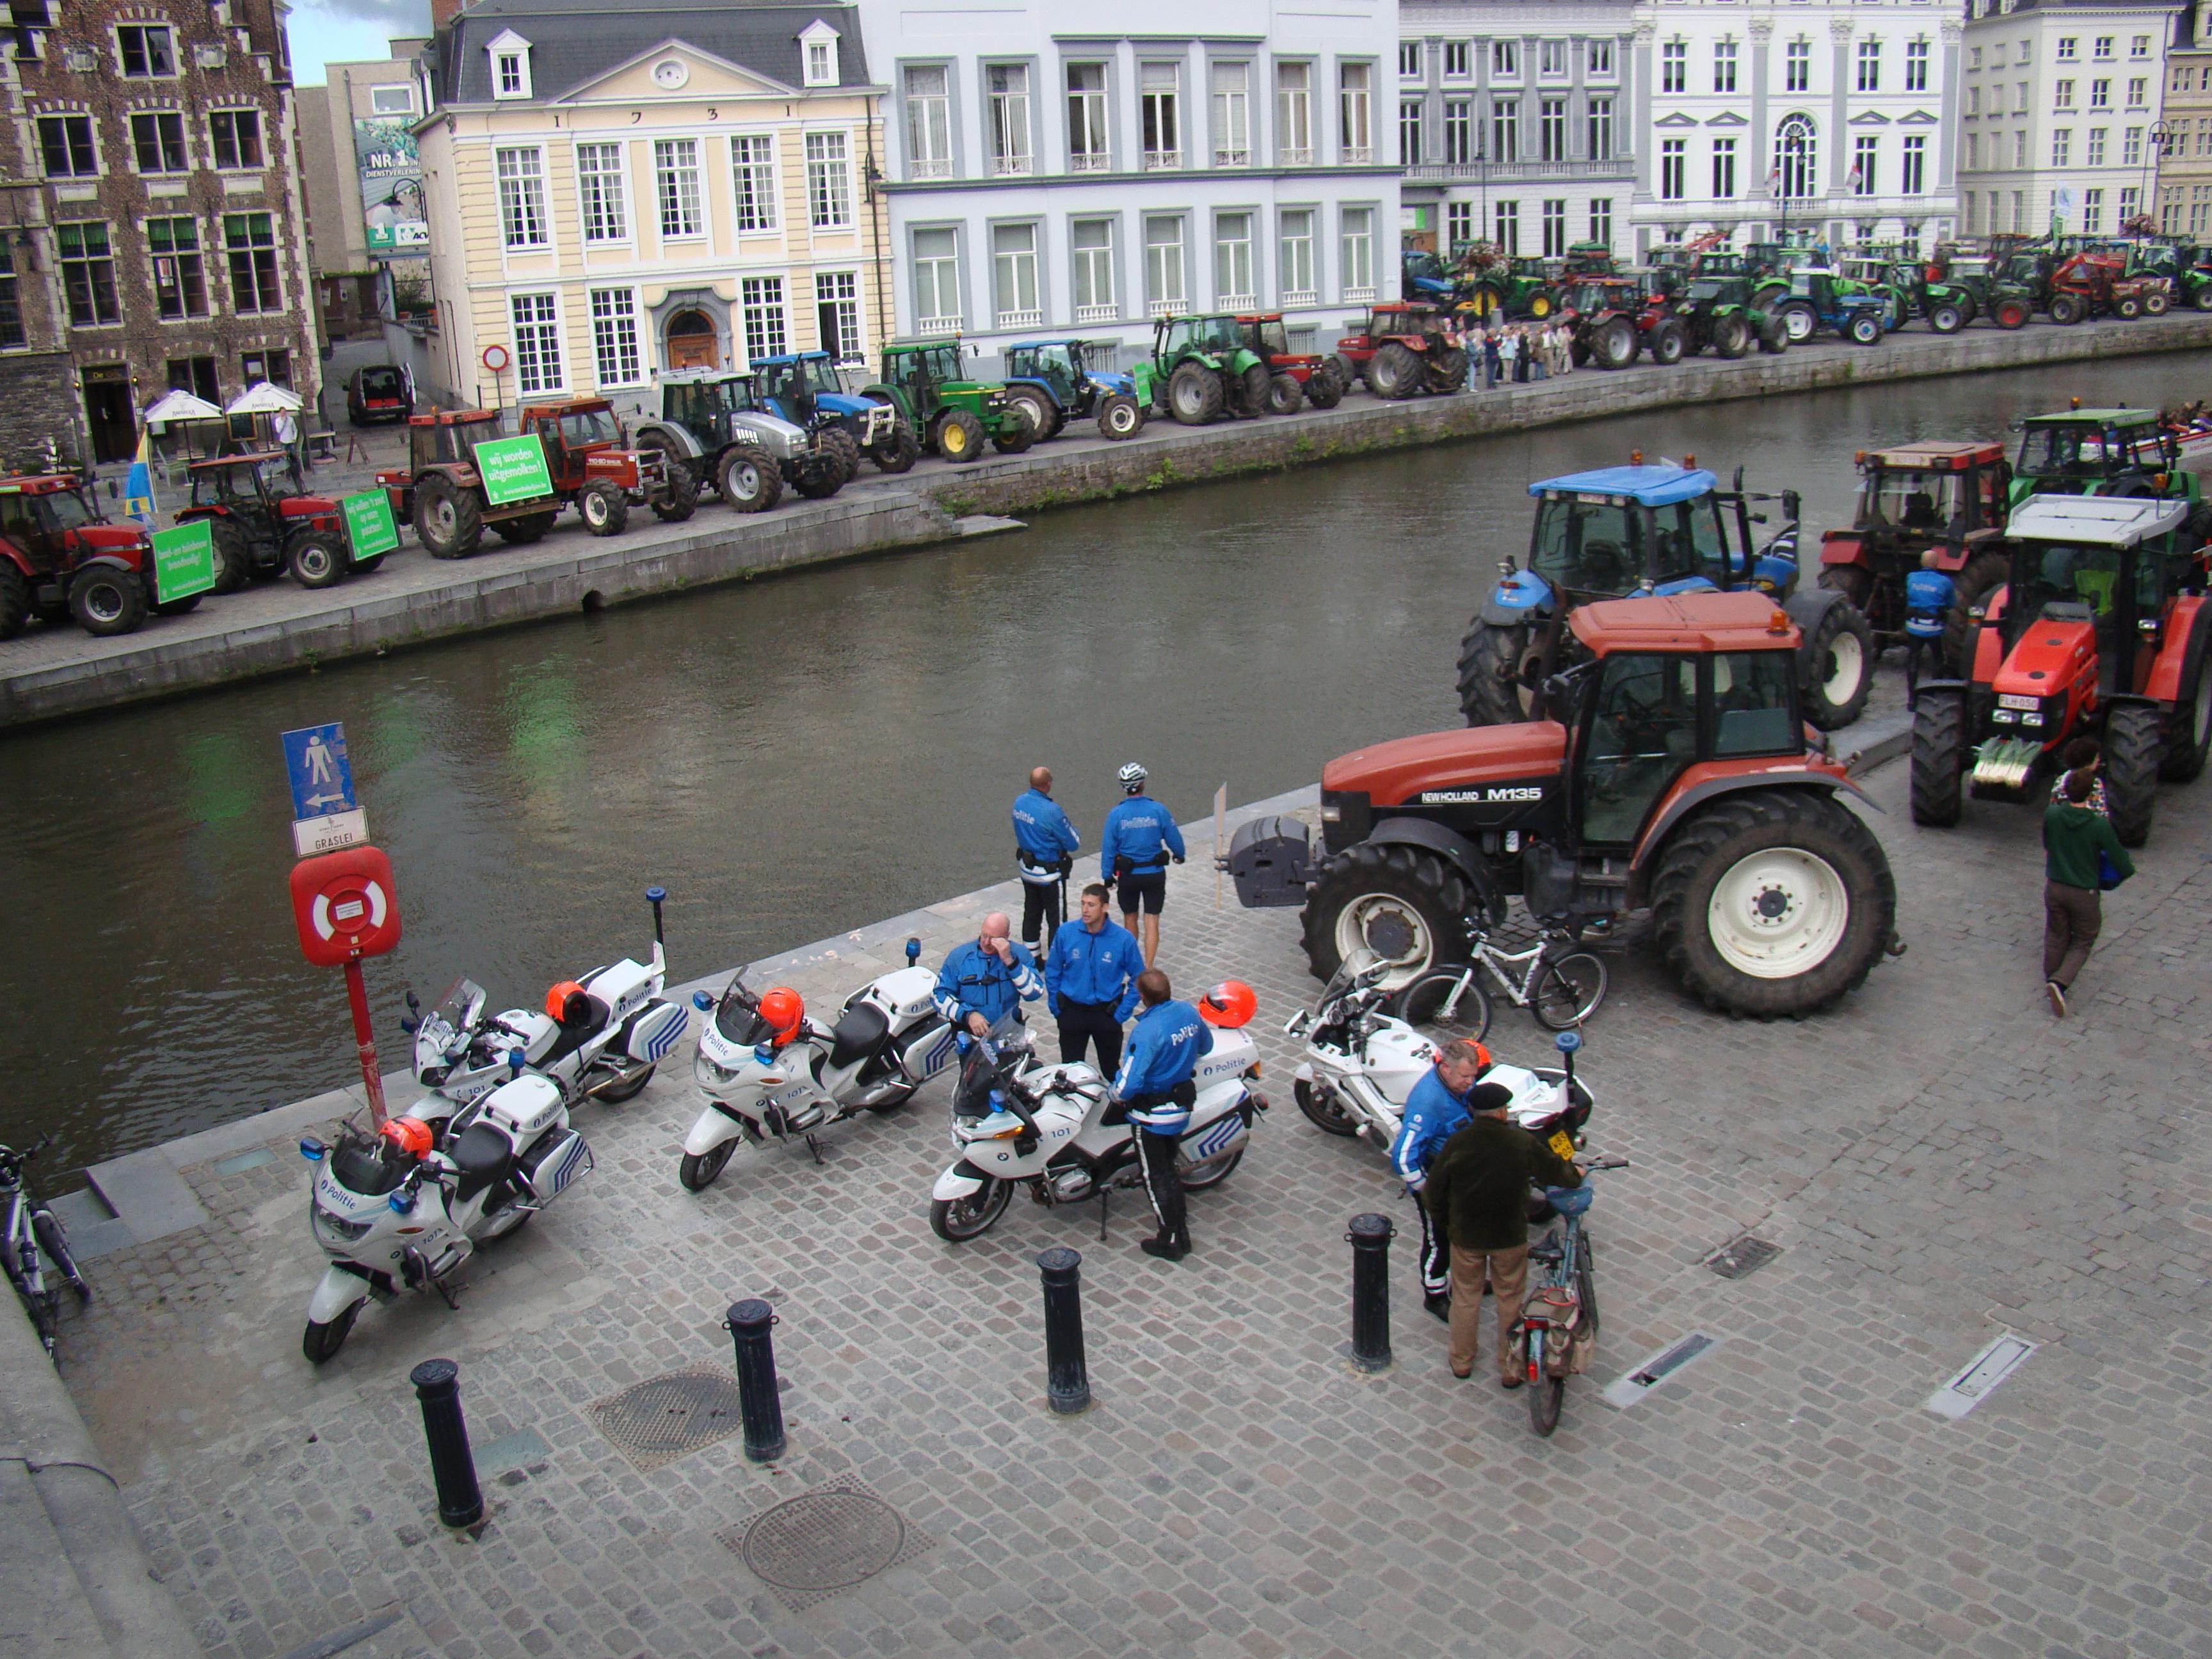 Een eskader flikken wordt ingesloten door razende landbouwers. Het is uiteindelijk burgemeester Termont zelf die tussenbeide moet komen.